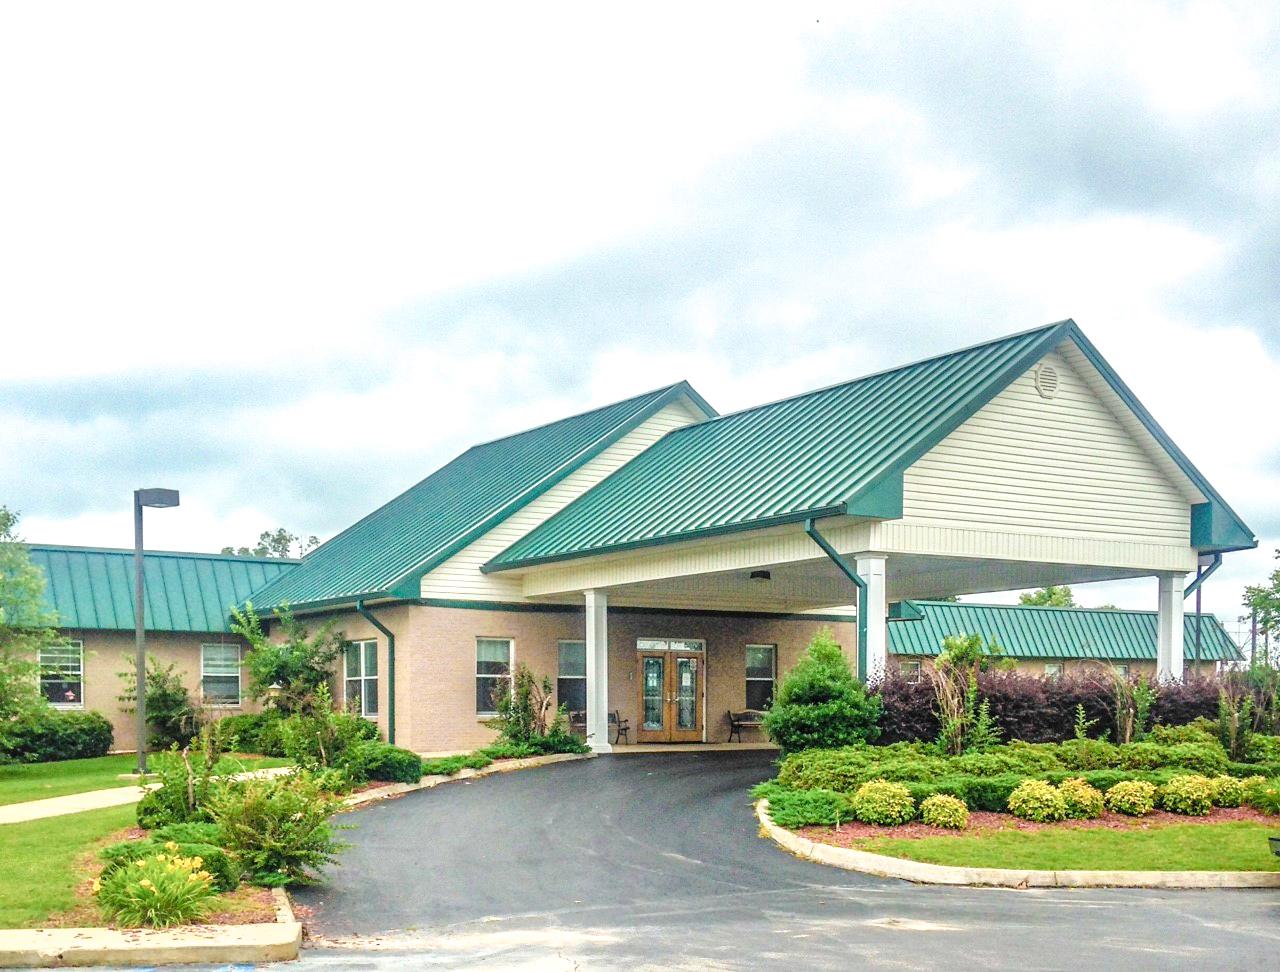 nursing home pic0